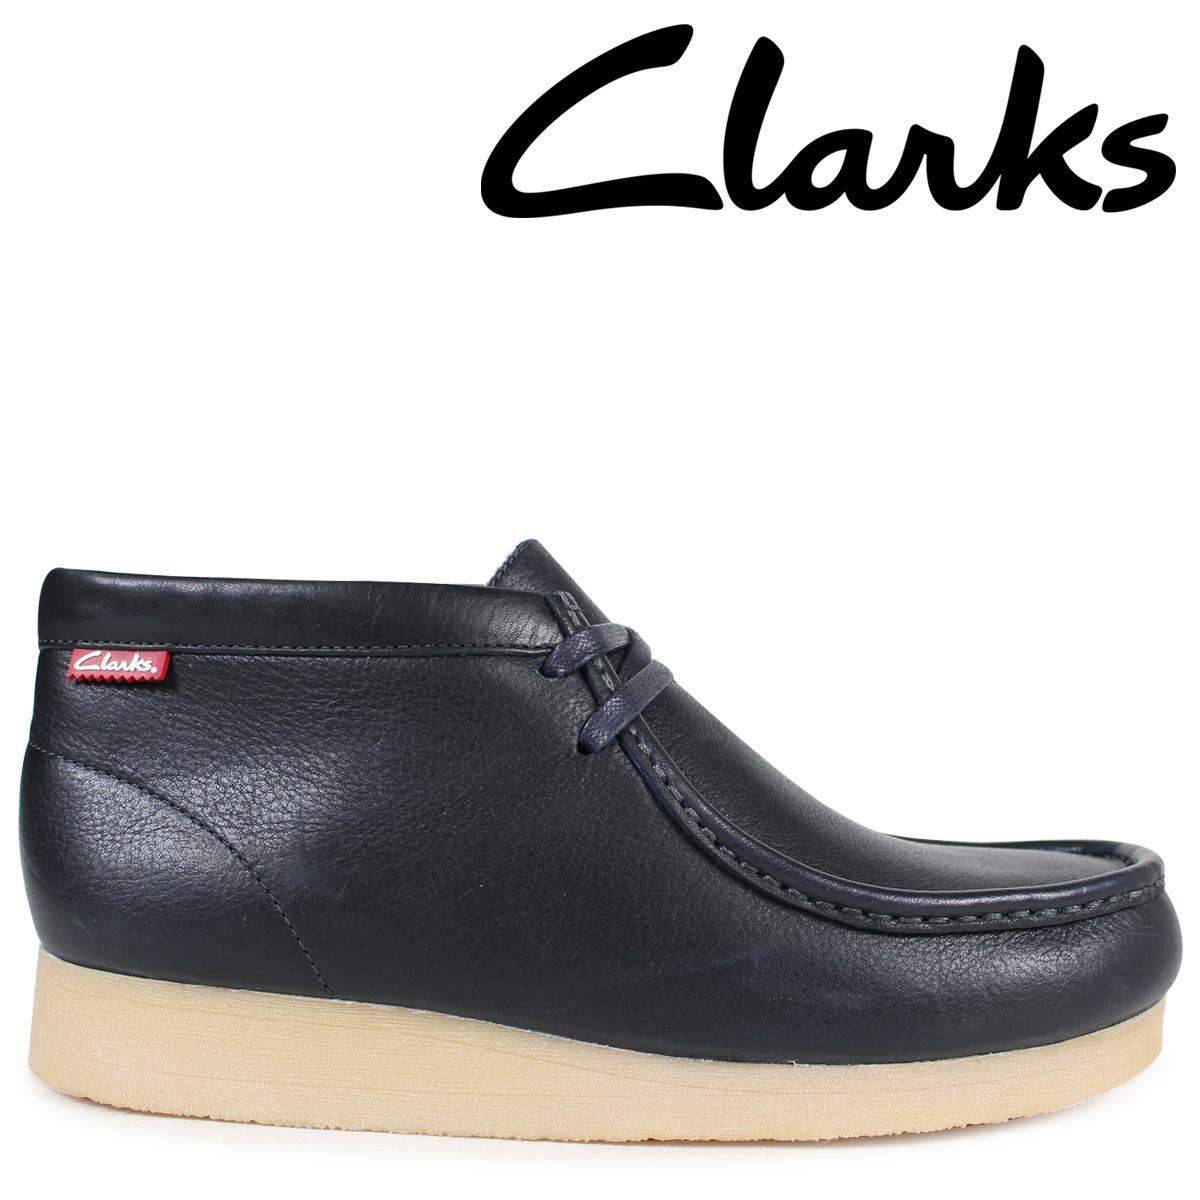 【お買い得!】 Clarks ワラビー ブーツ メンズ クラークス ワラビー 靴 STINSON HI 26130808 メンズ レザー 靴 ネイビー, ワインと地酒の店 かたやま:27451213 --- canoncity.azurewebsites.net